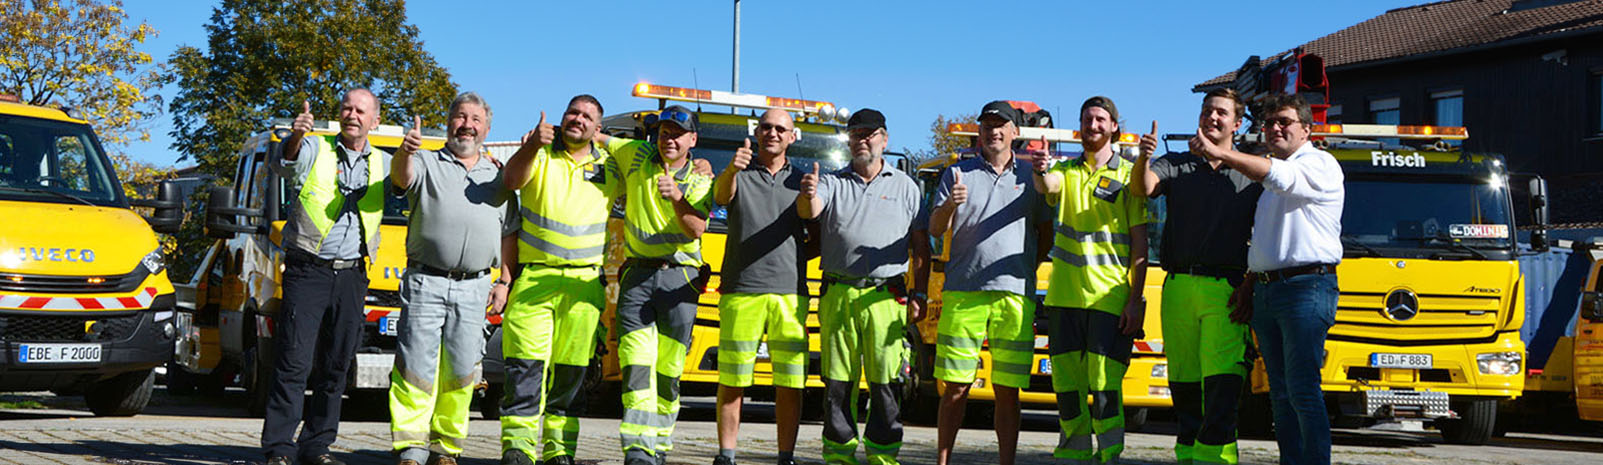 """<span class=""""fas-ct-greenbg"""">Bergen und Abschleppen</span><br>Pannendienst und Unfallhilfe<br><a href=""""/home/service/bergen-und-transportieren/"""">FAHR FRISCH!</a>"""